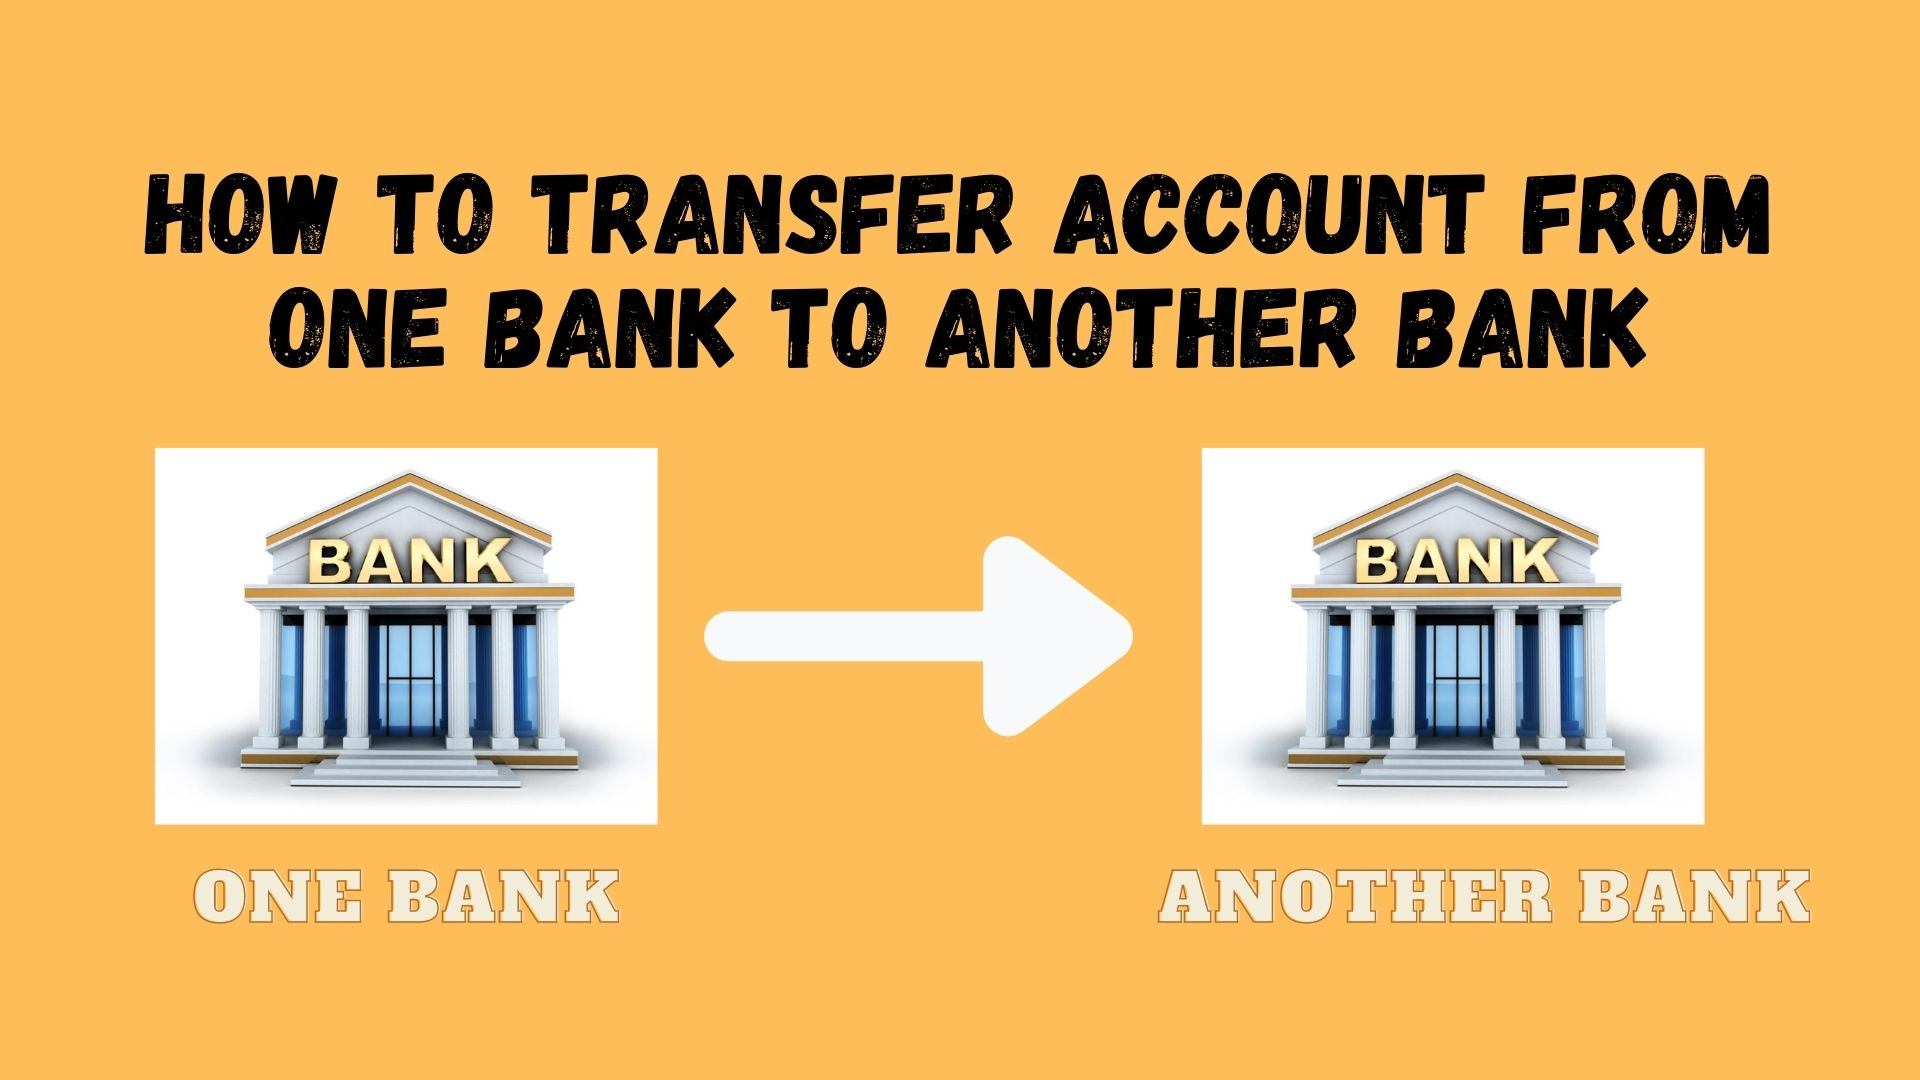 কিভাবে  ব্যাংক একাউন্ট অন্য শাখায় স্থানান্তর করবেন। how to Transfer bank account to another branch.